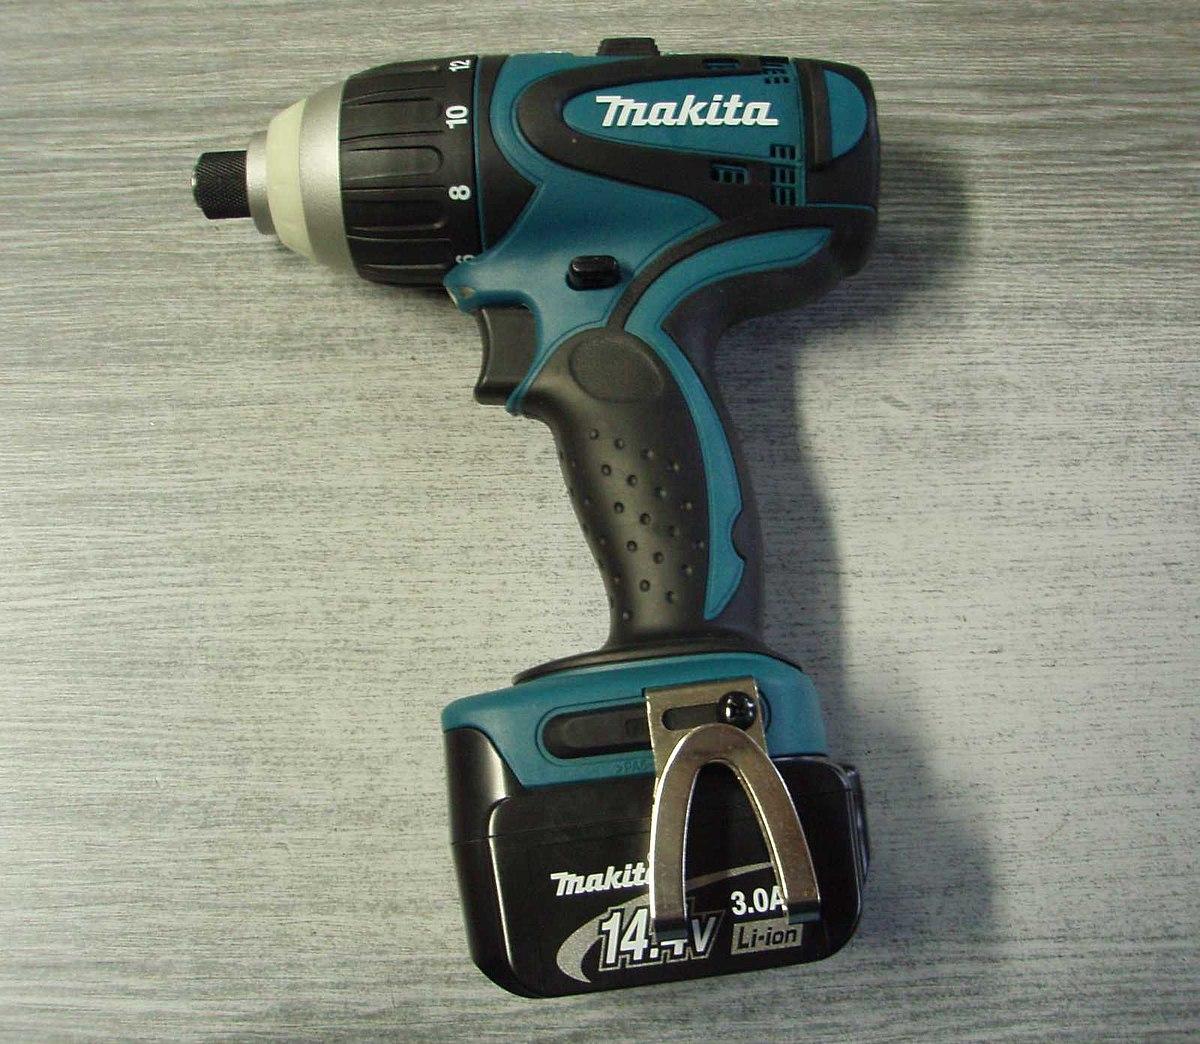 Makita Wikipedia Stanley 18v Brushless Hammer Drill